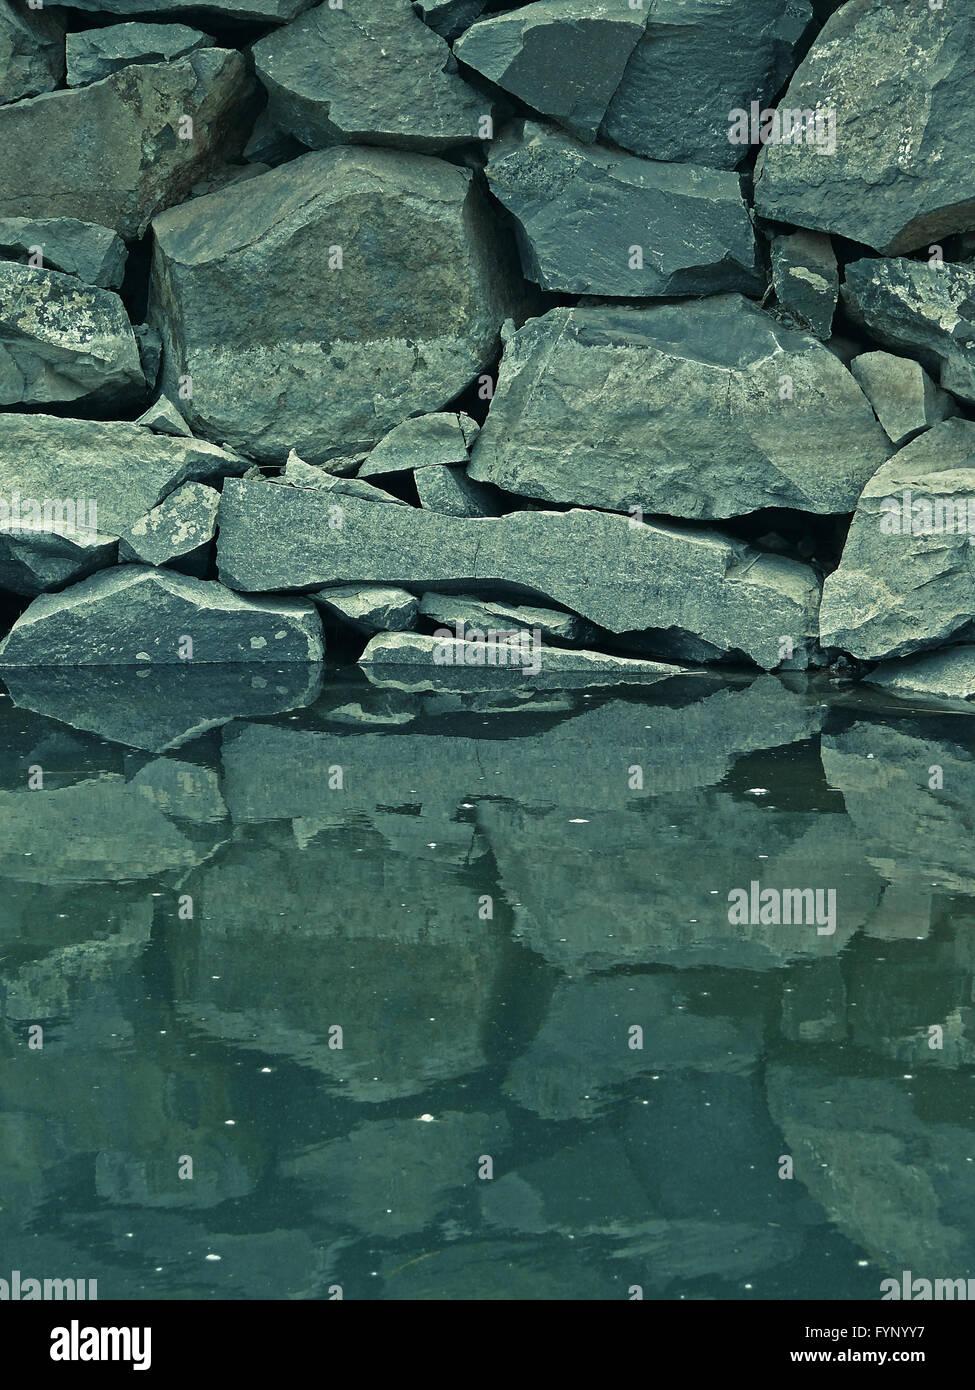 La riflessione di pietre in acqua calma Immagini Stock